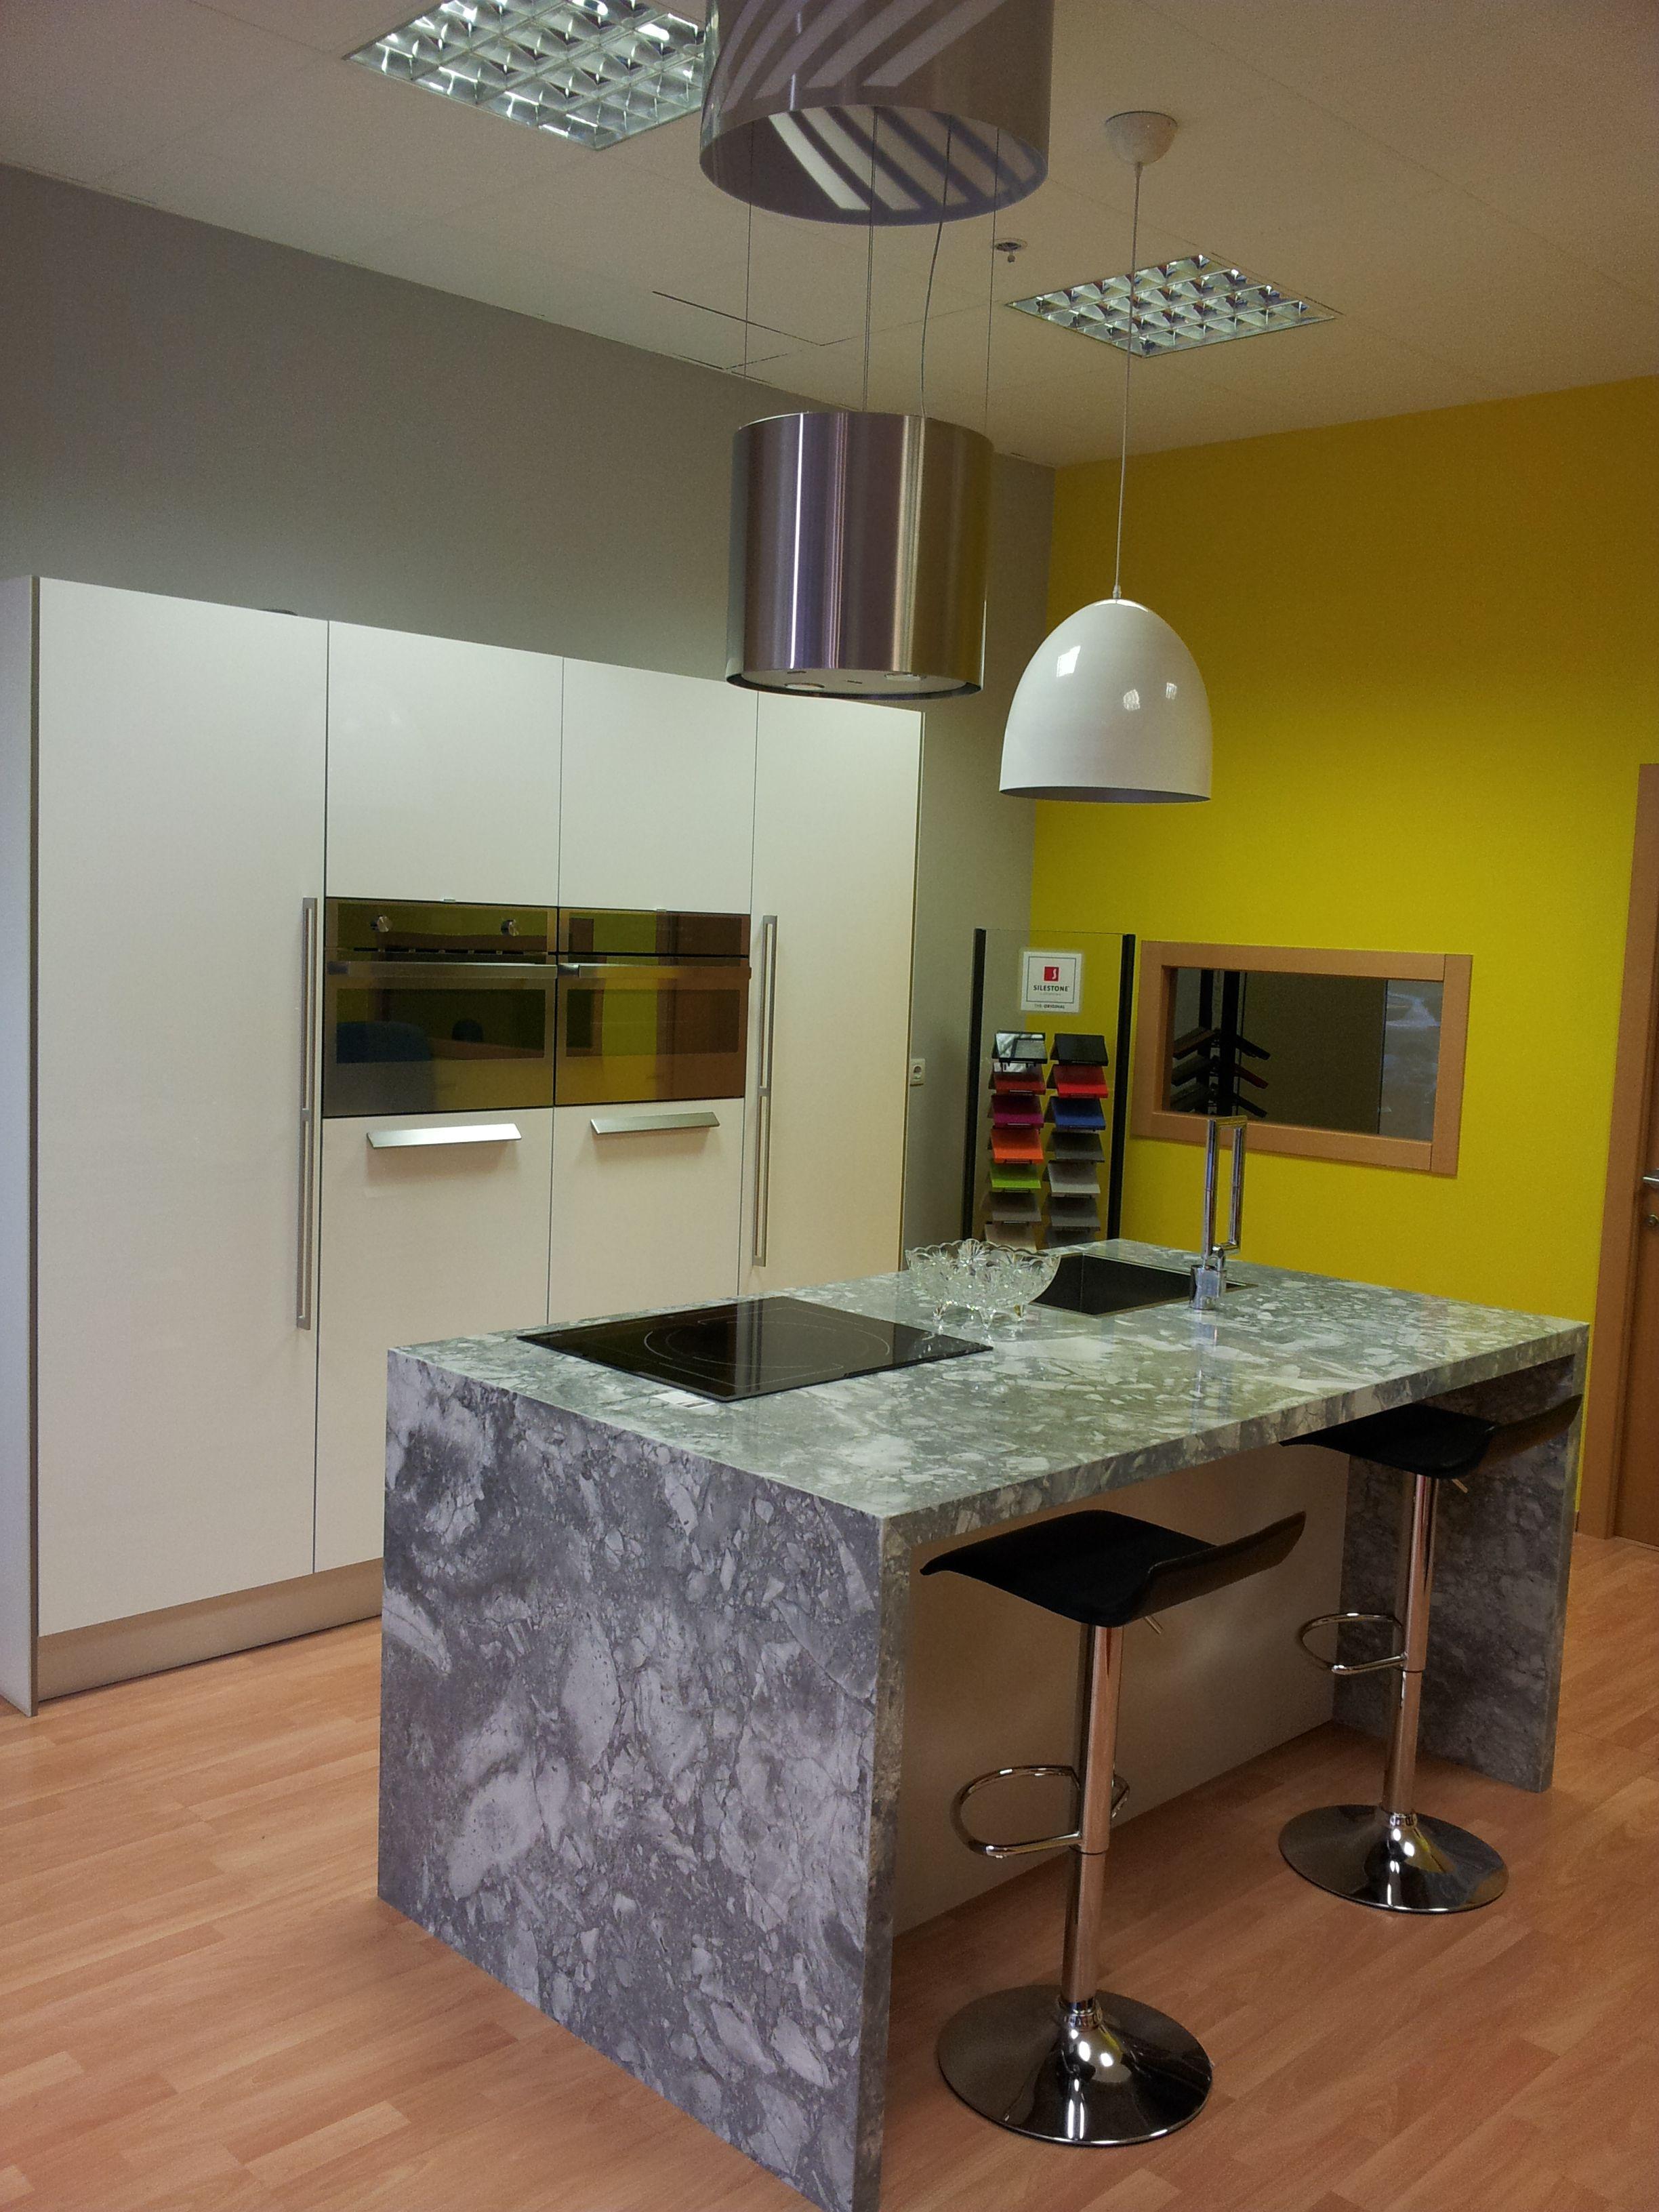 Cocina exposici n realizada en granito naturamia for Cocinas exposicion